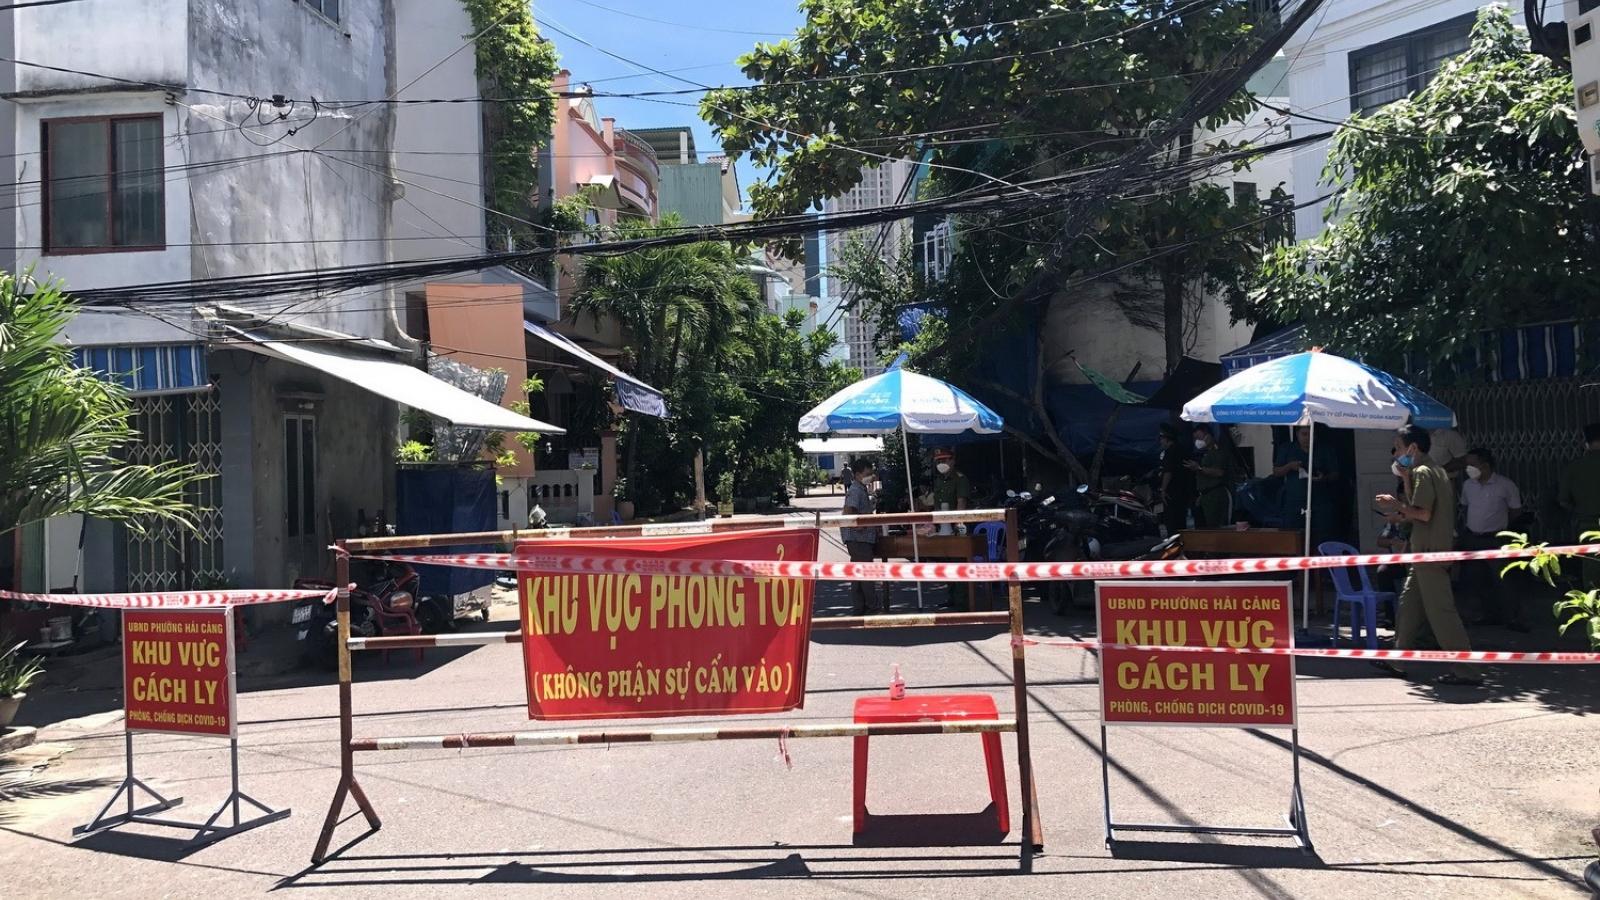 Bình Định phong tỏa 5 phường ở TP. Quy Nhơn trong 48 giờ để tách F0